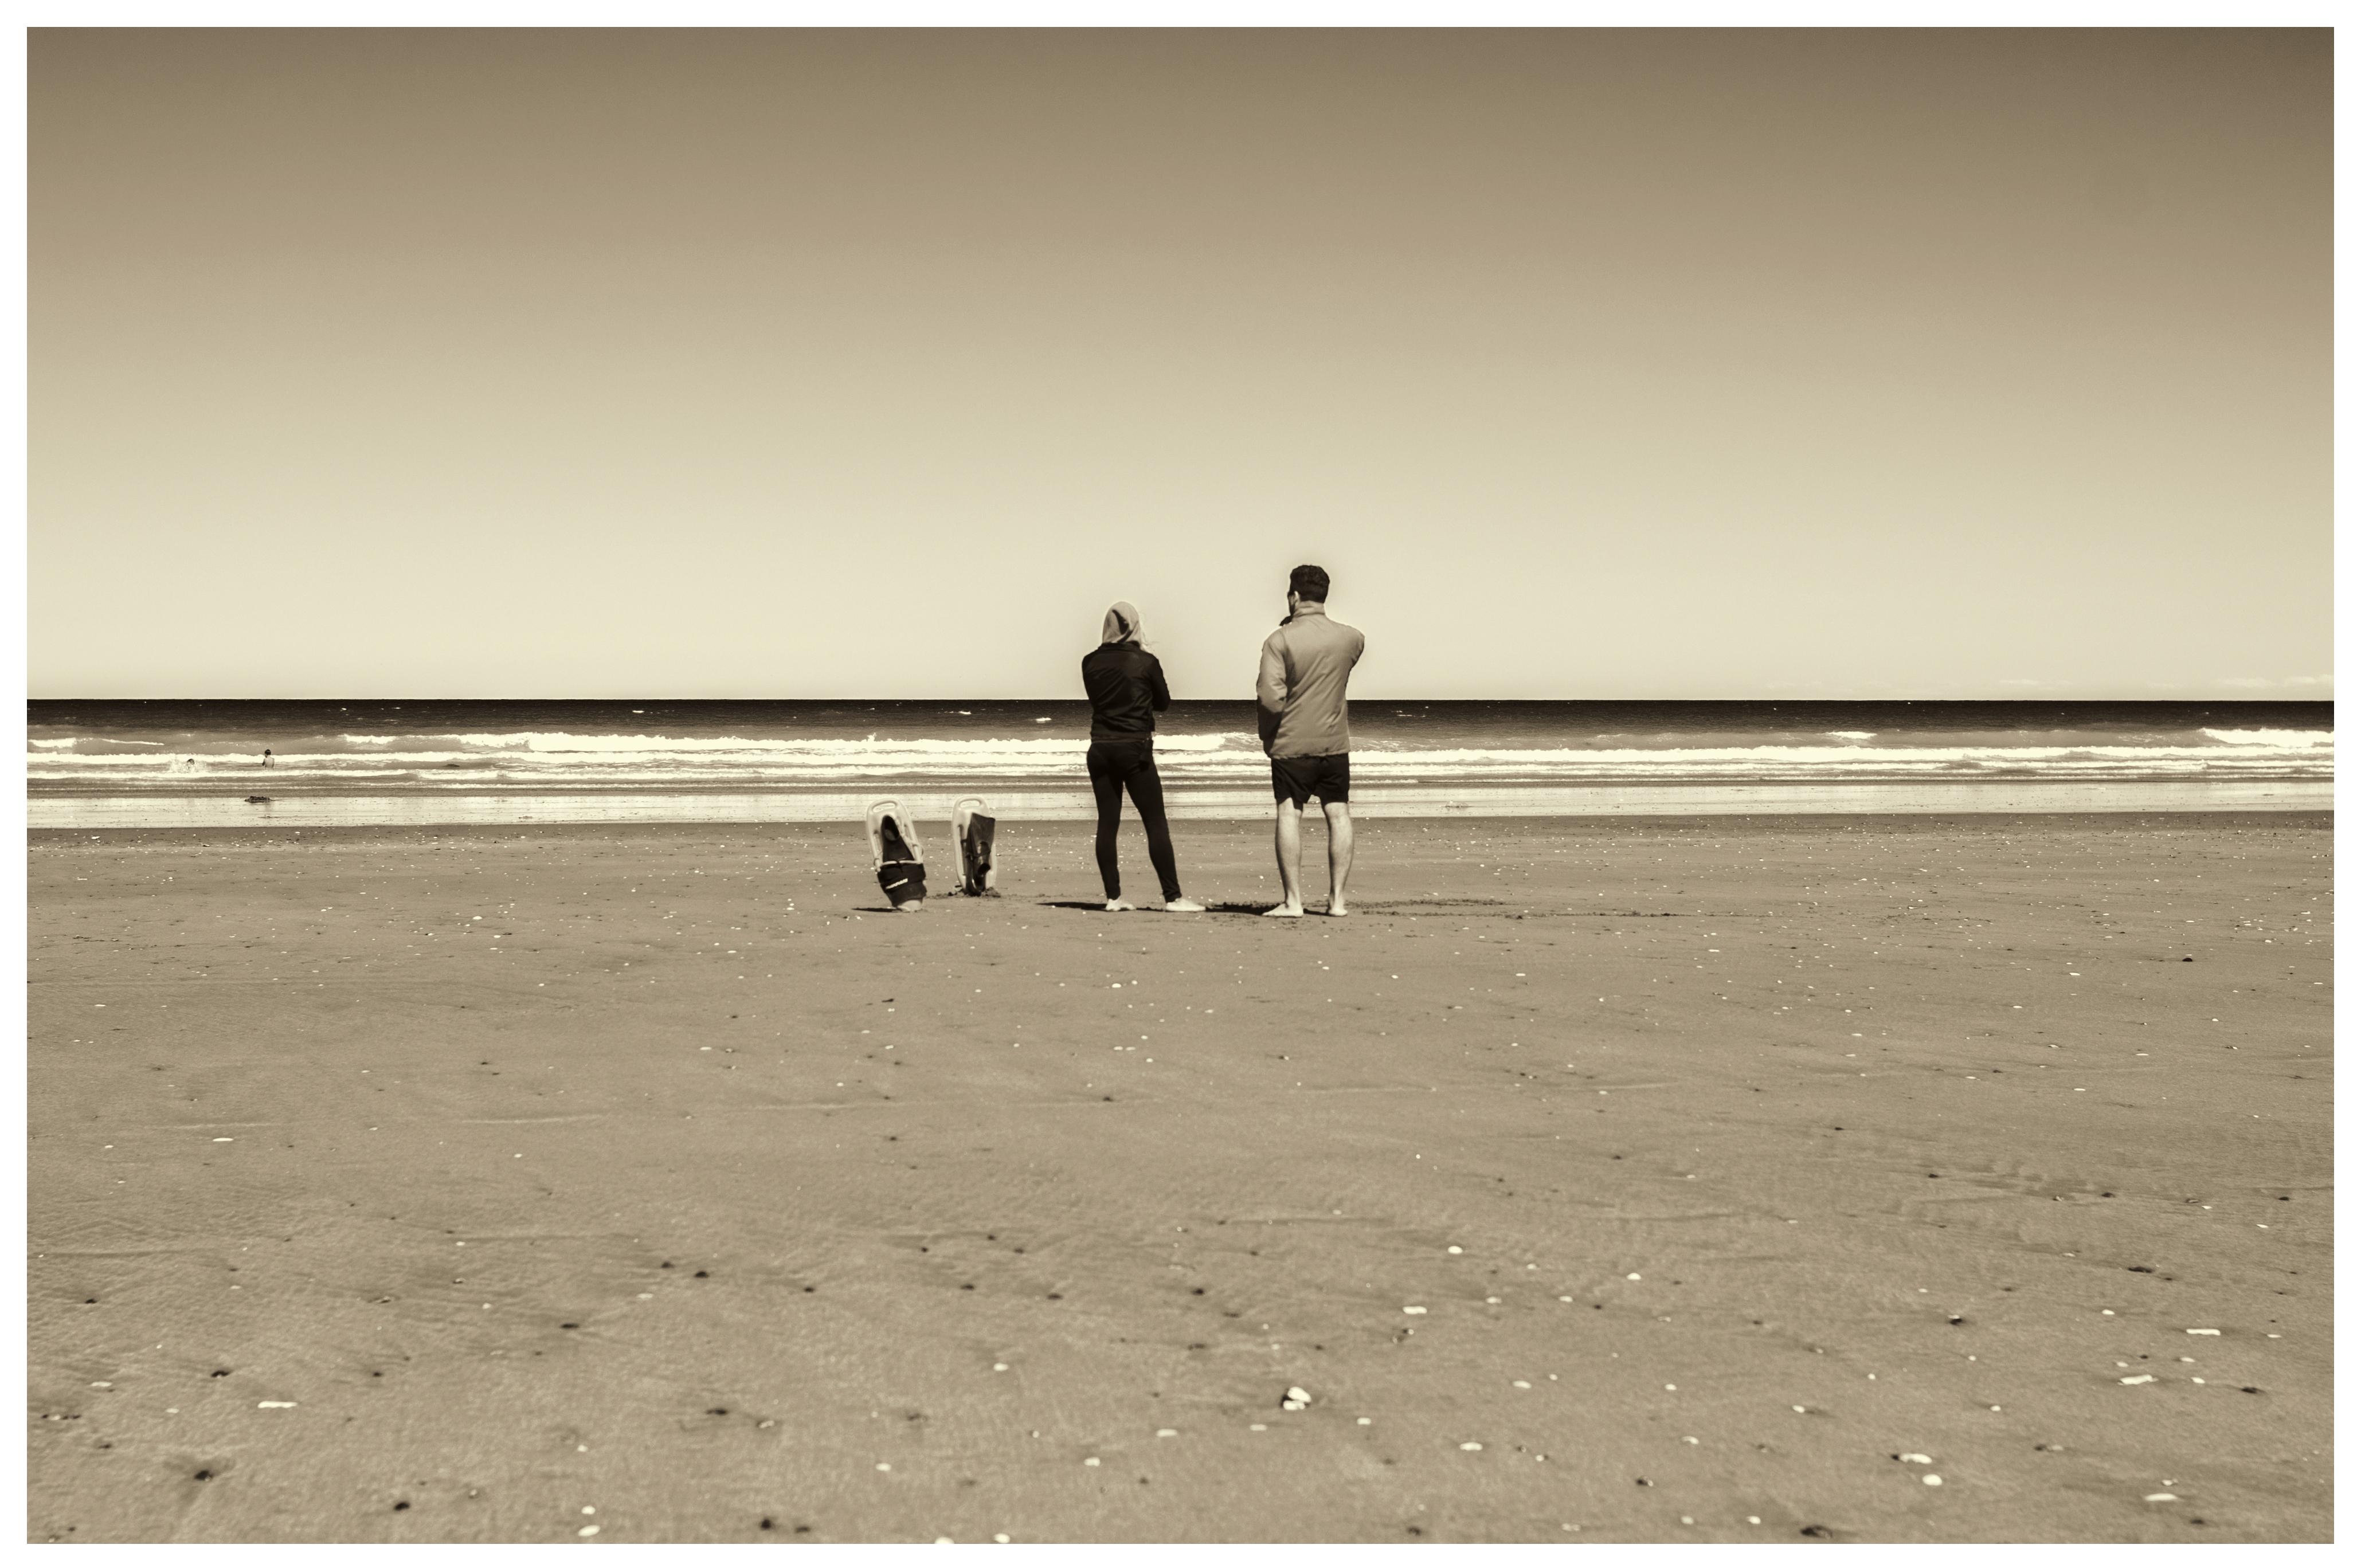 Playa de fin de semana 24159077805_4cd9ff11e3_o